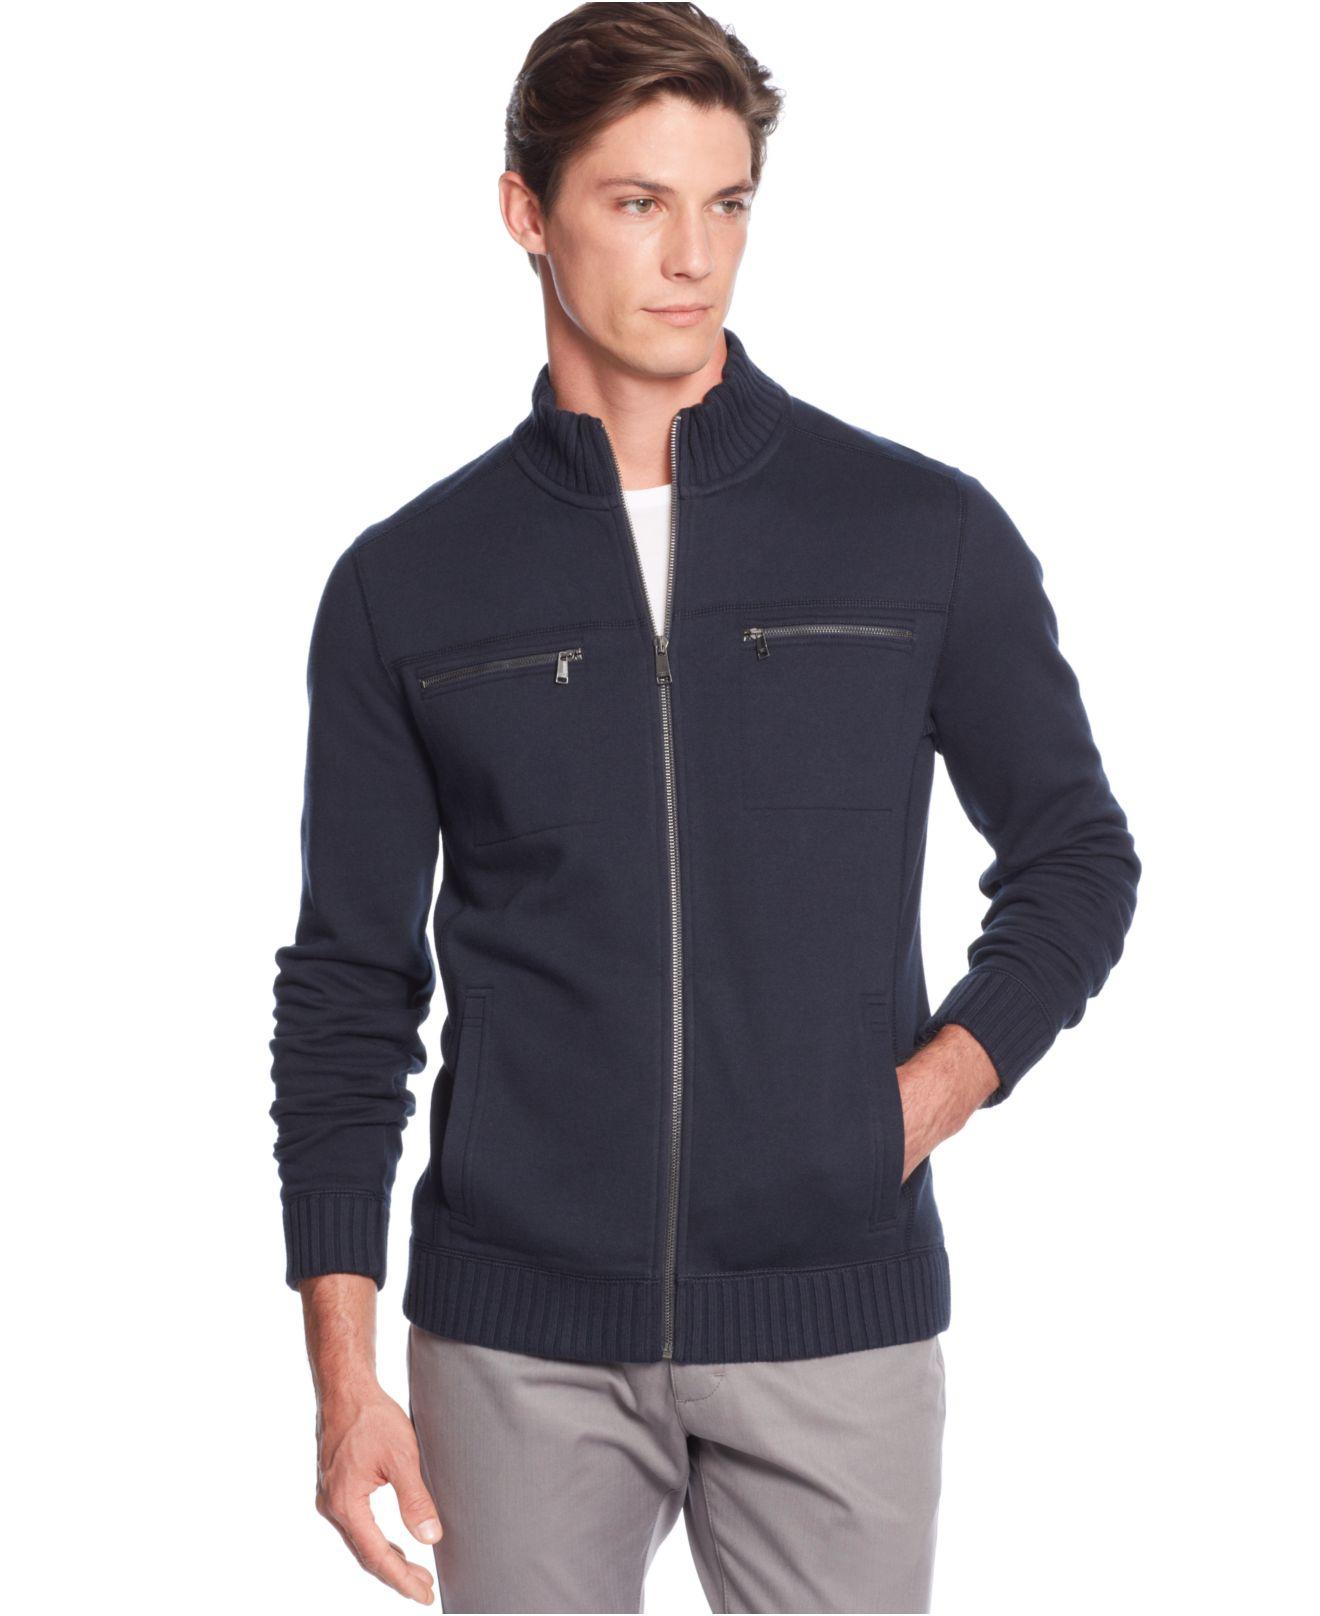 Calvin klein Full-Zip Solid Core Fleece Jacket